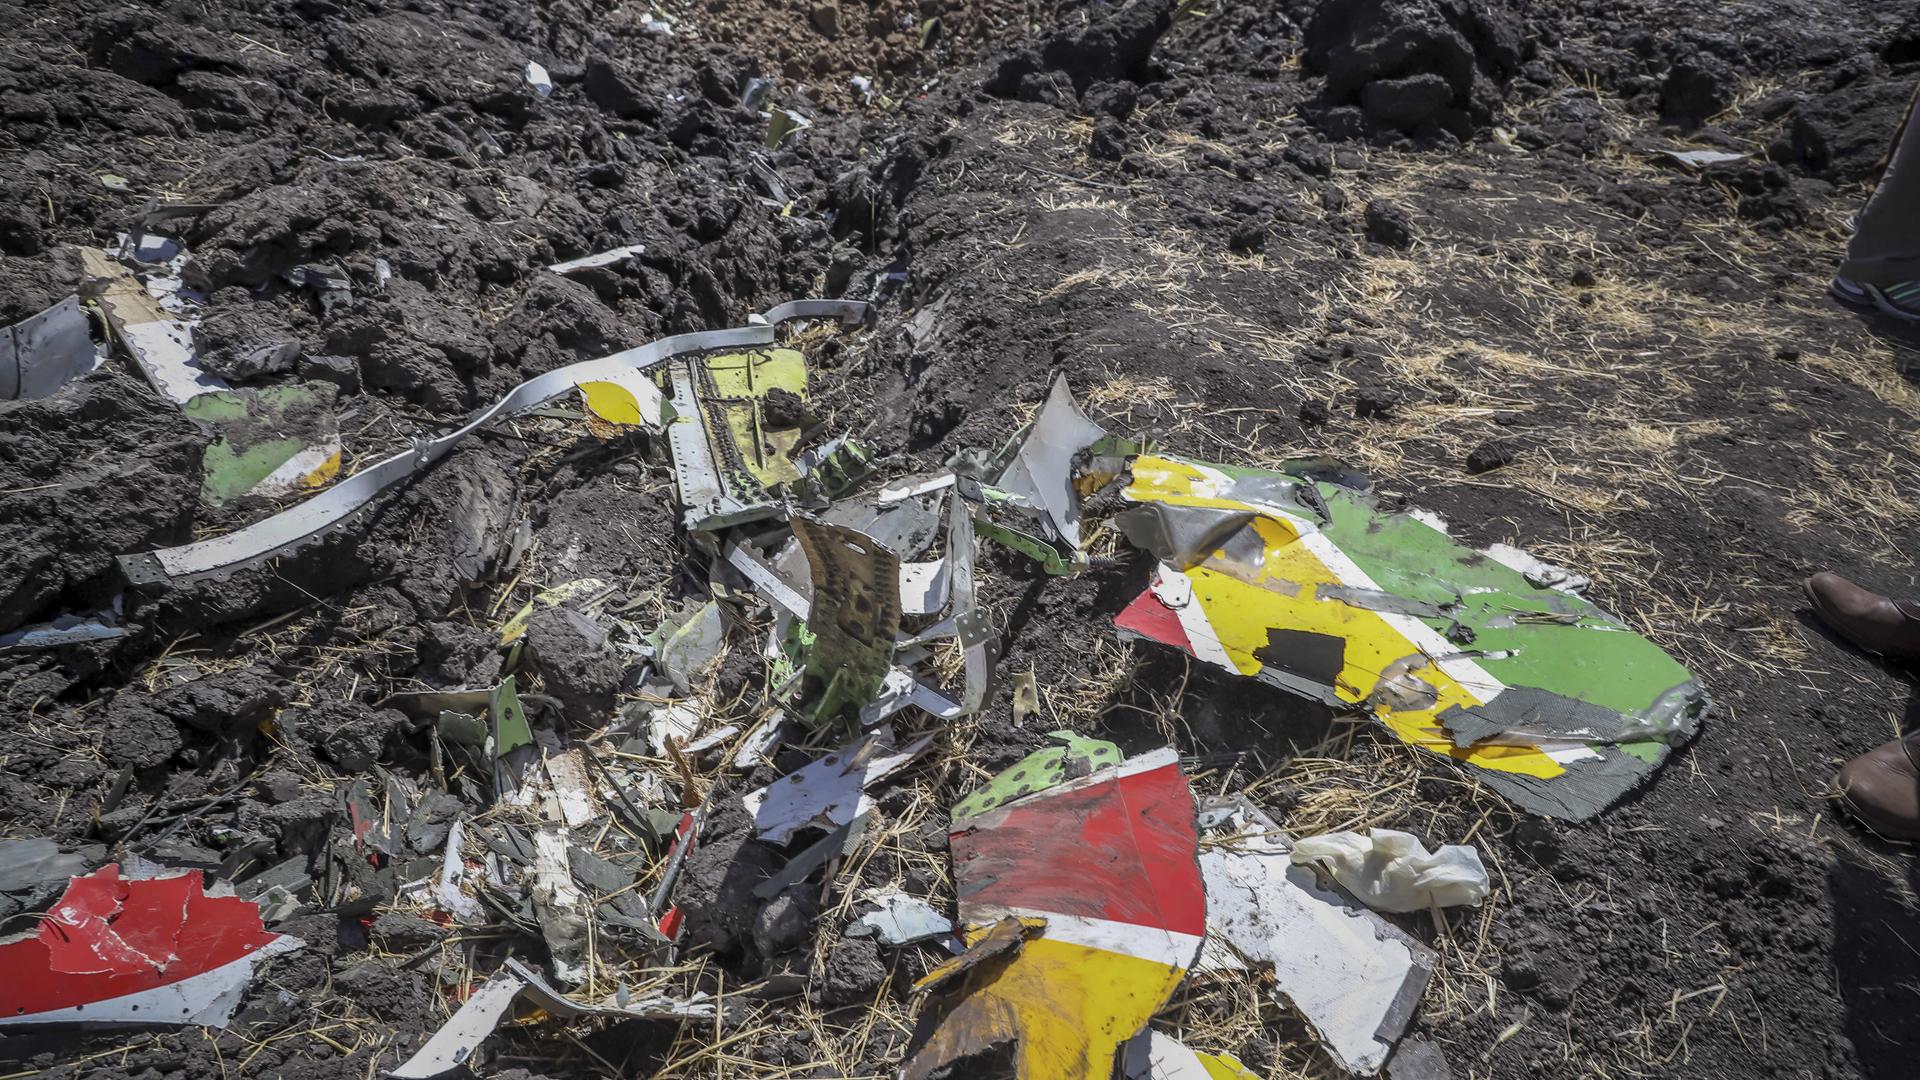 ethiopia plane crash scene 031019 AP_1552246951652